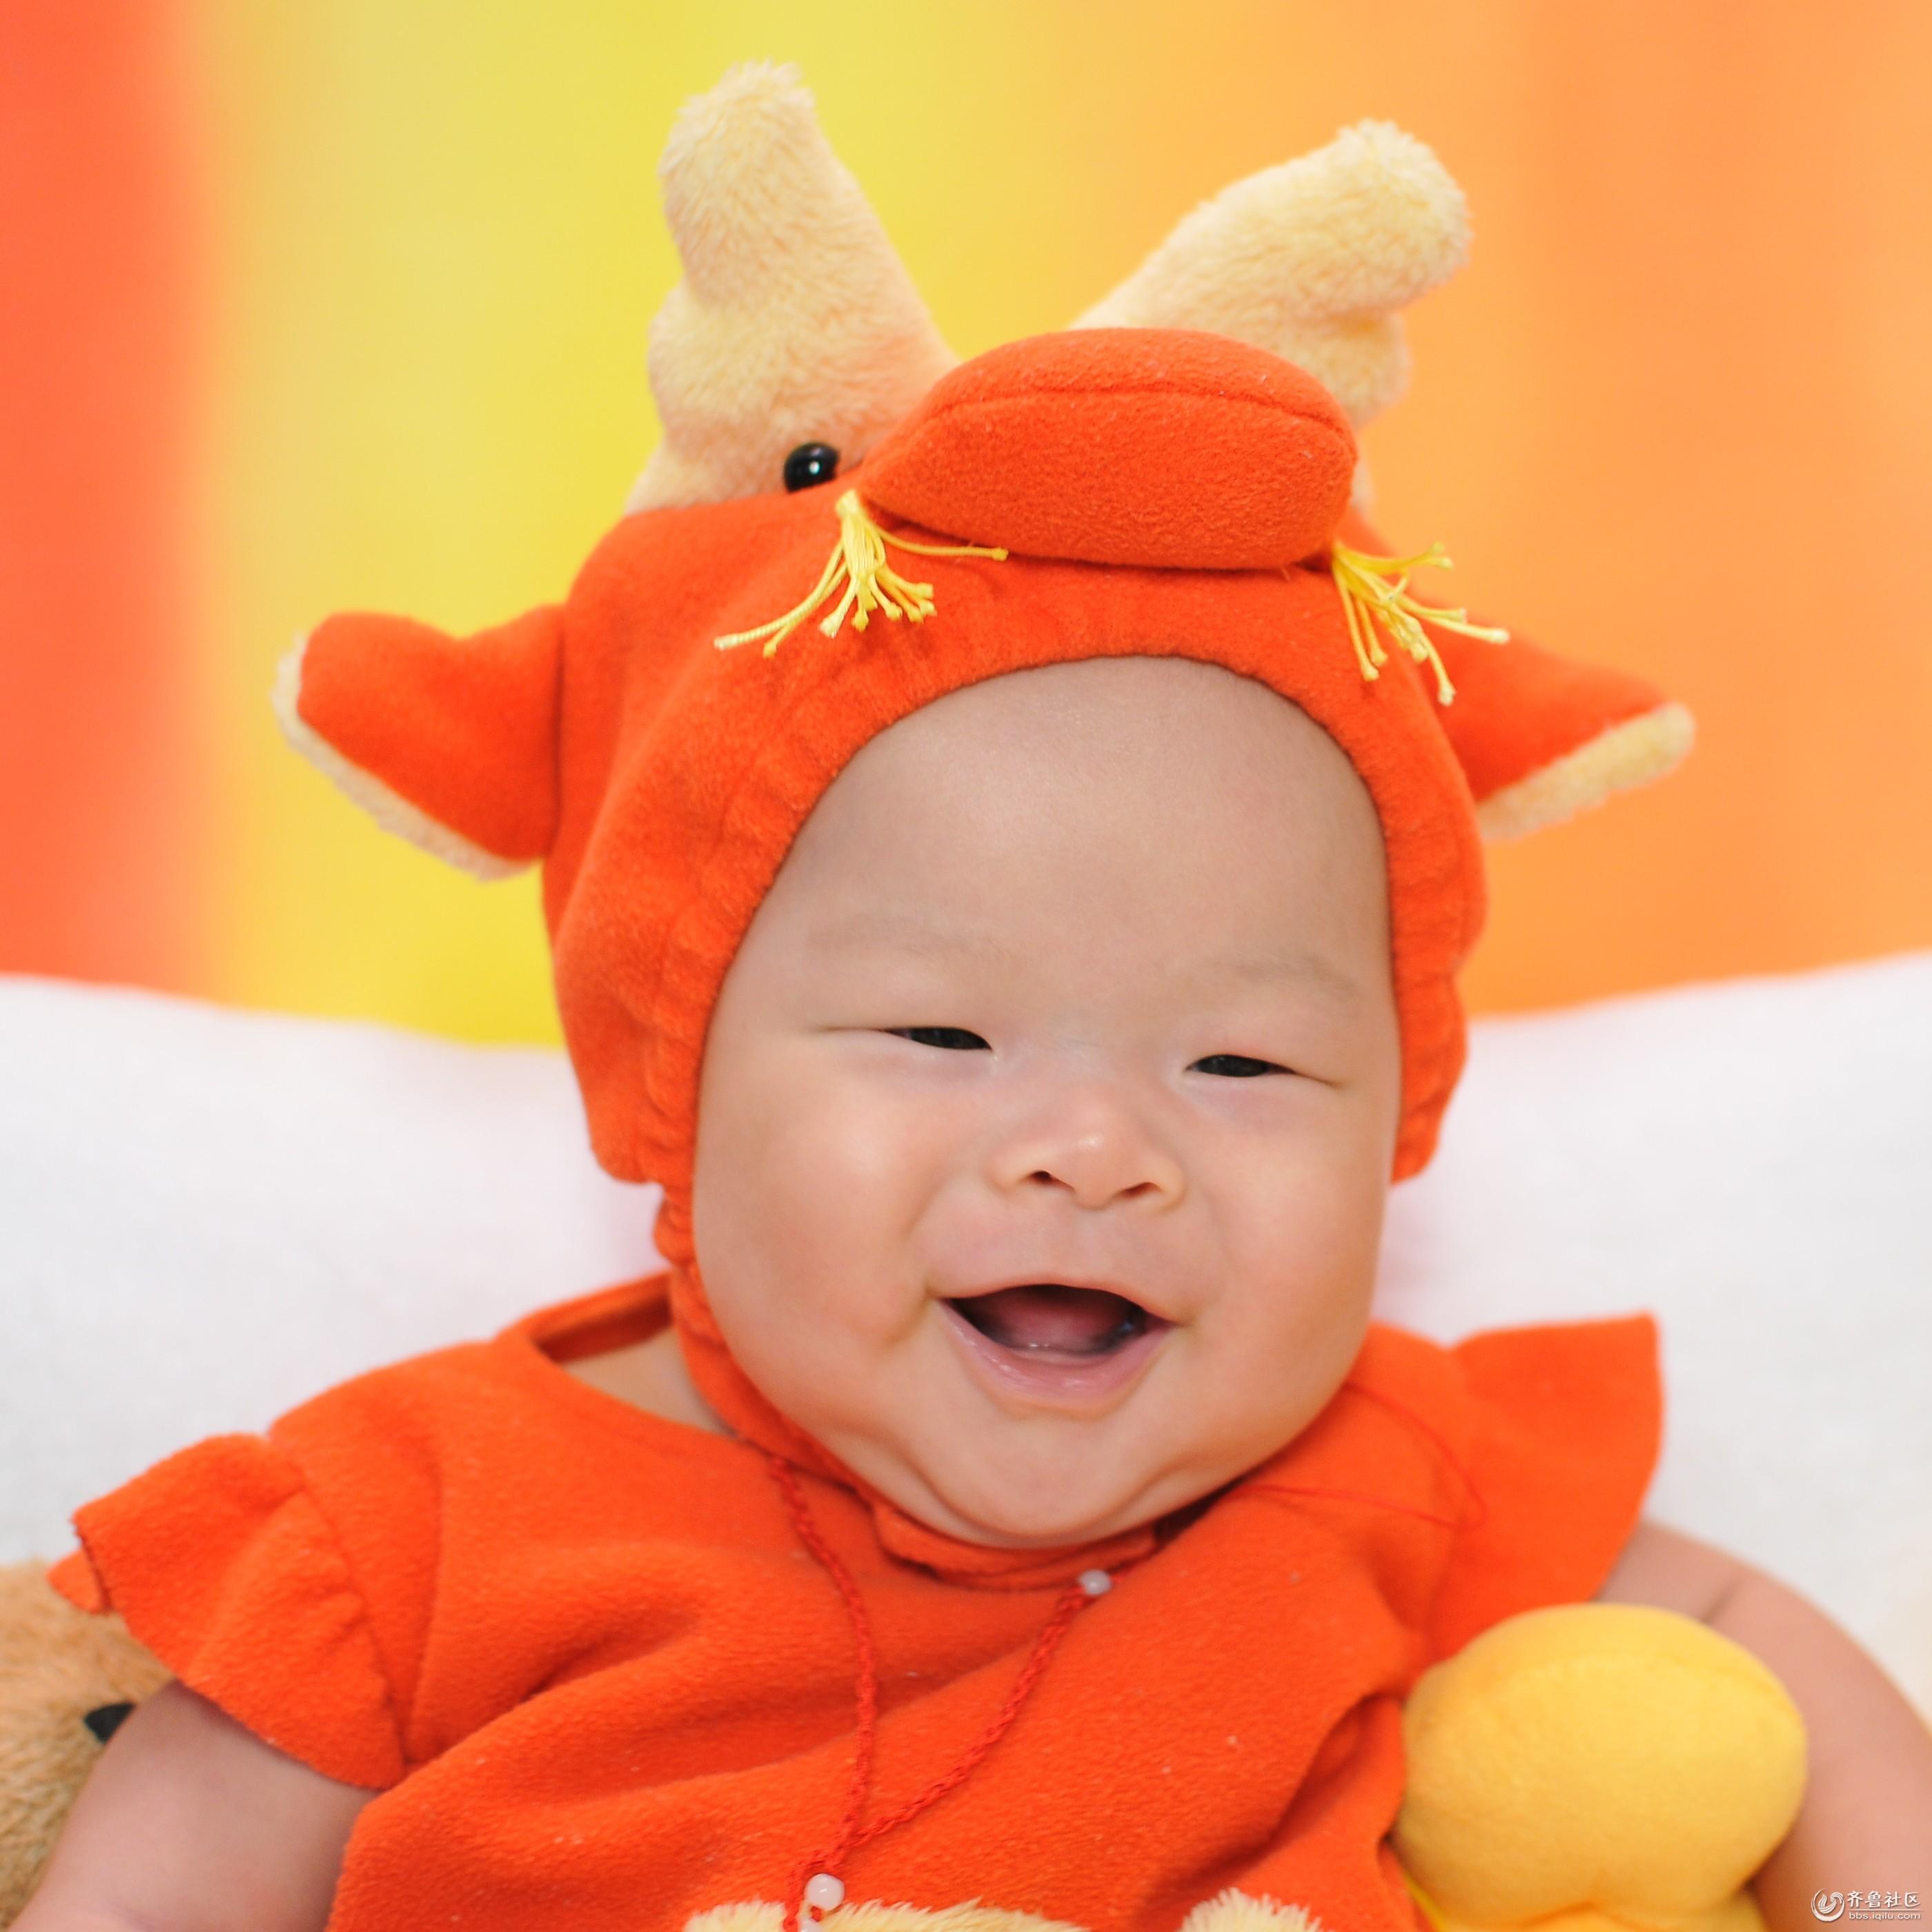 这是宝宝一百天的照片,笑起来眼睛咪成一条线,是不是很可爱呀